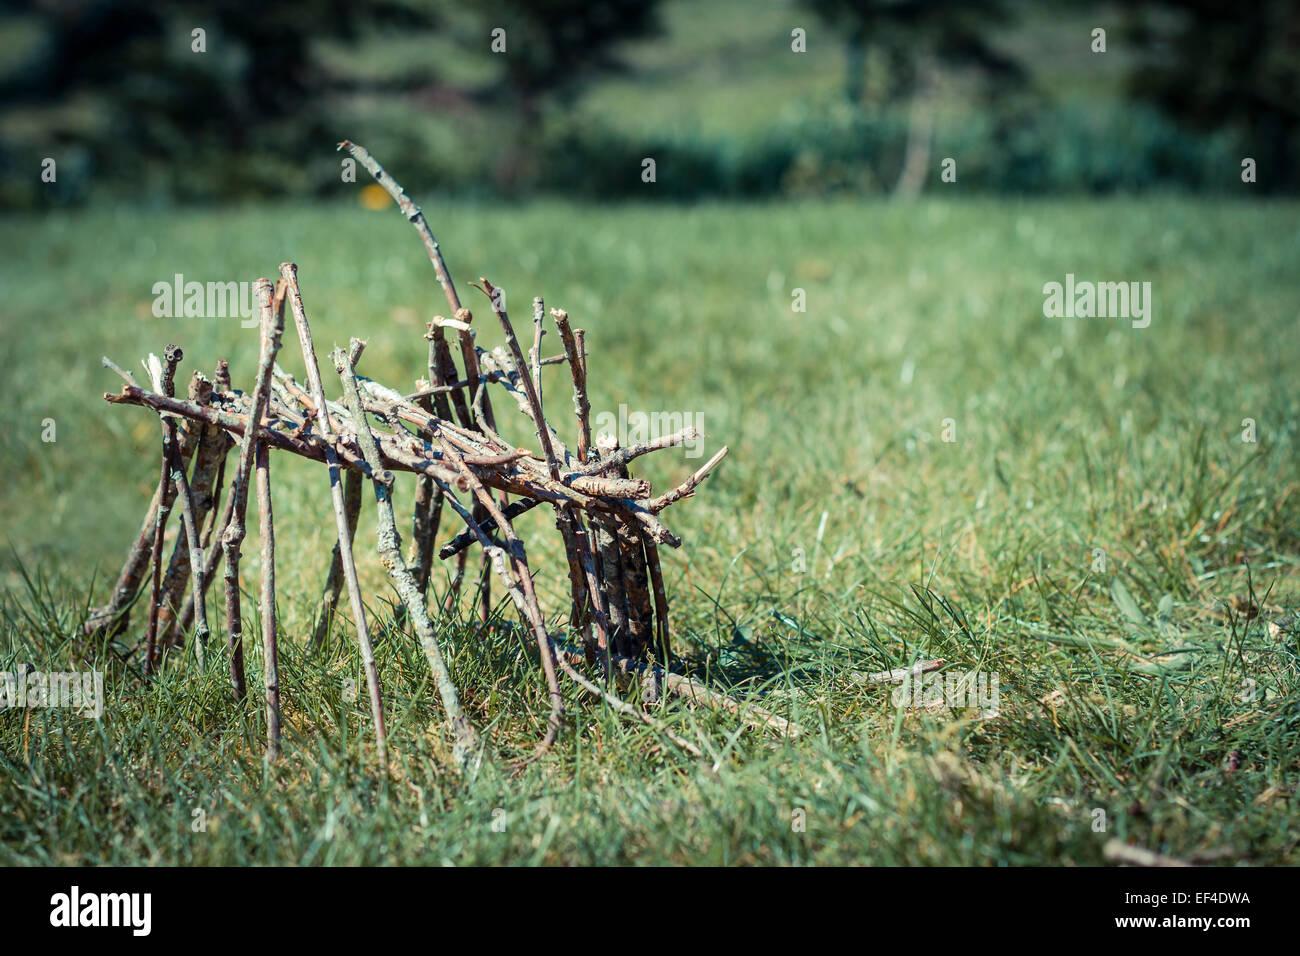 grass caban hut wood sticks little - Stock Image